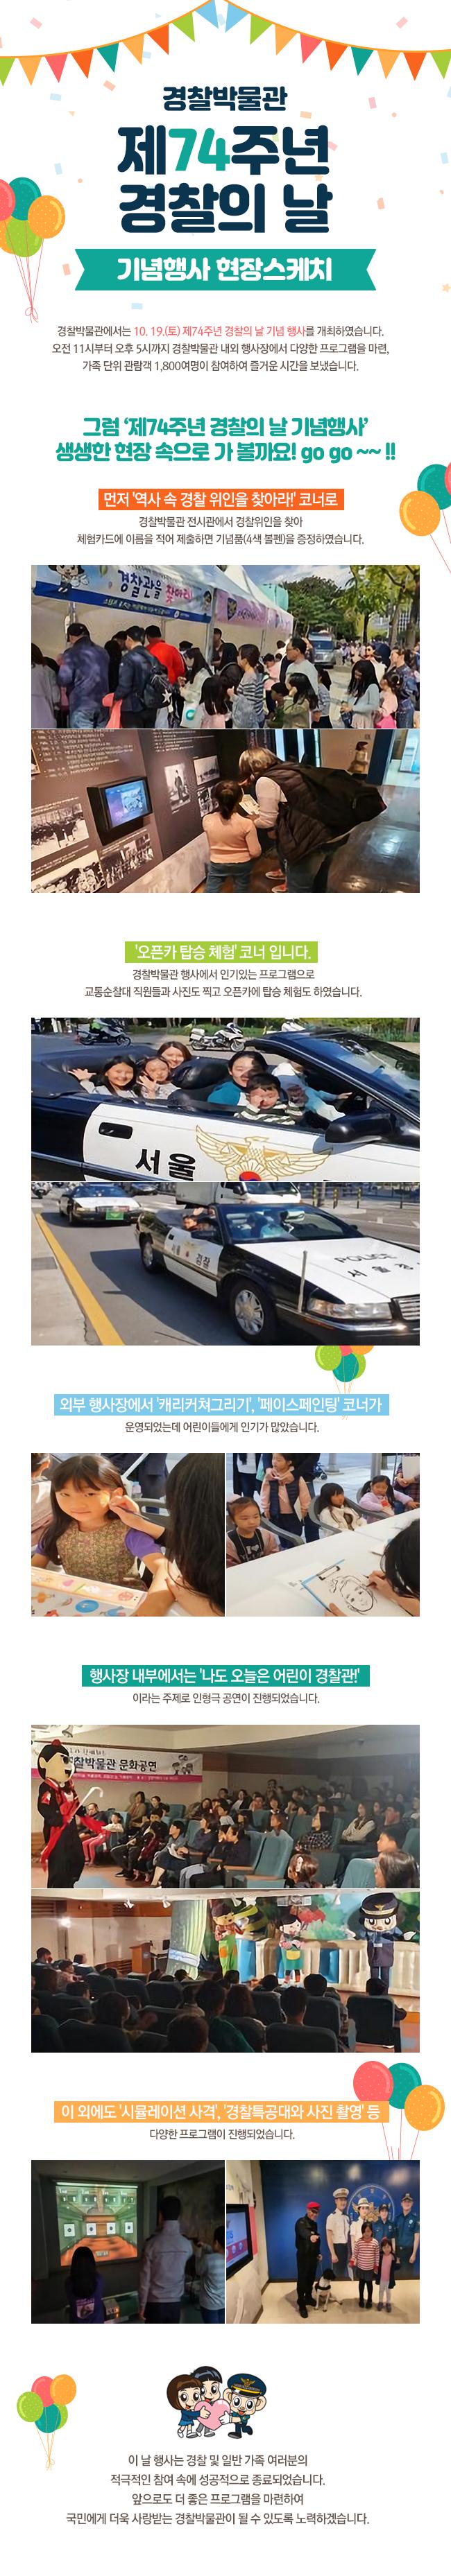 경찰박물관 제74주년 경찰의 날 기념 행사 현장스케치